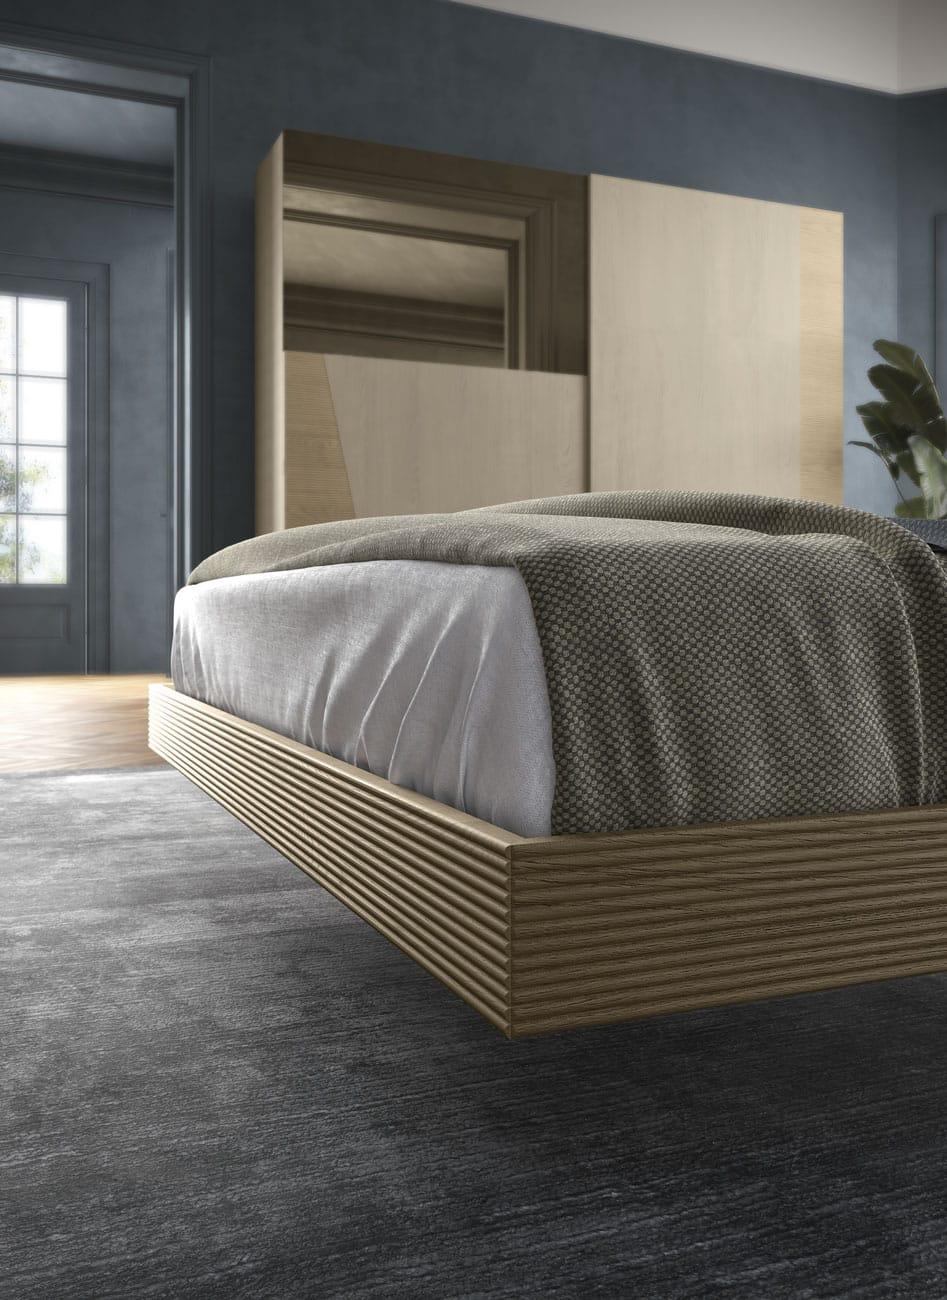 line-particolare-letto-green-adriatica-3.jpg